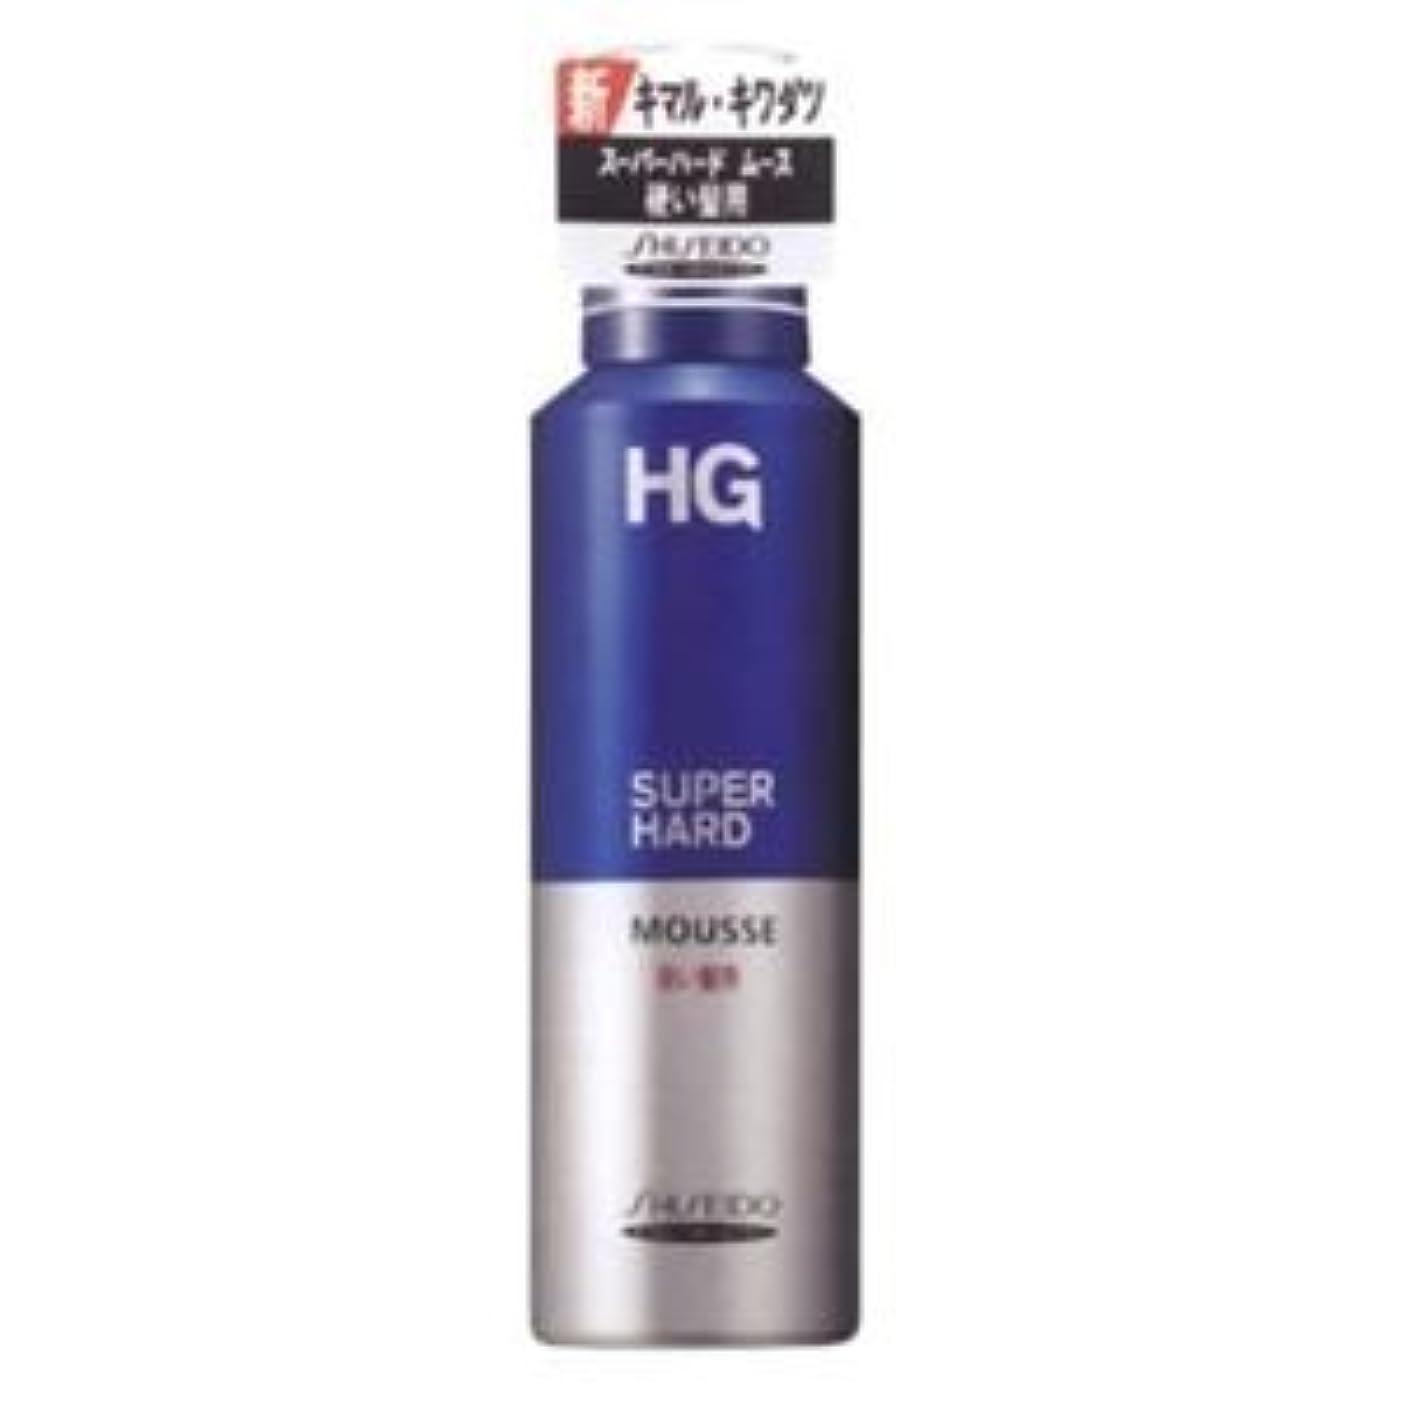 量シェード窒素HG スーパーハードムース 硬い髪用